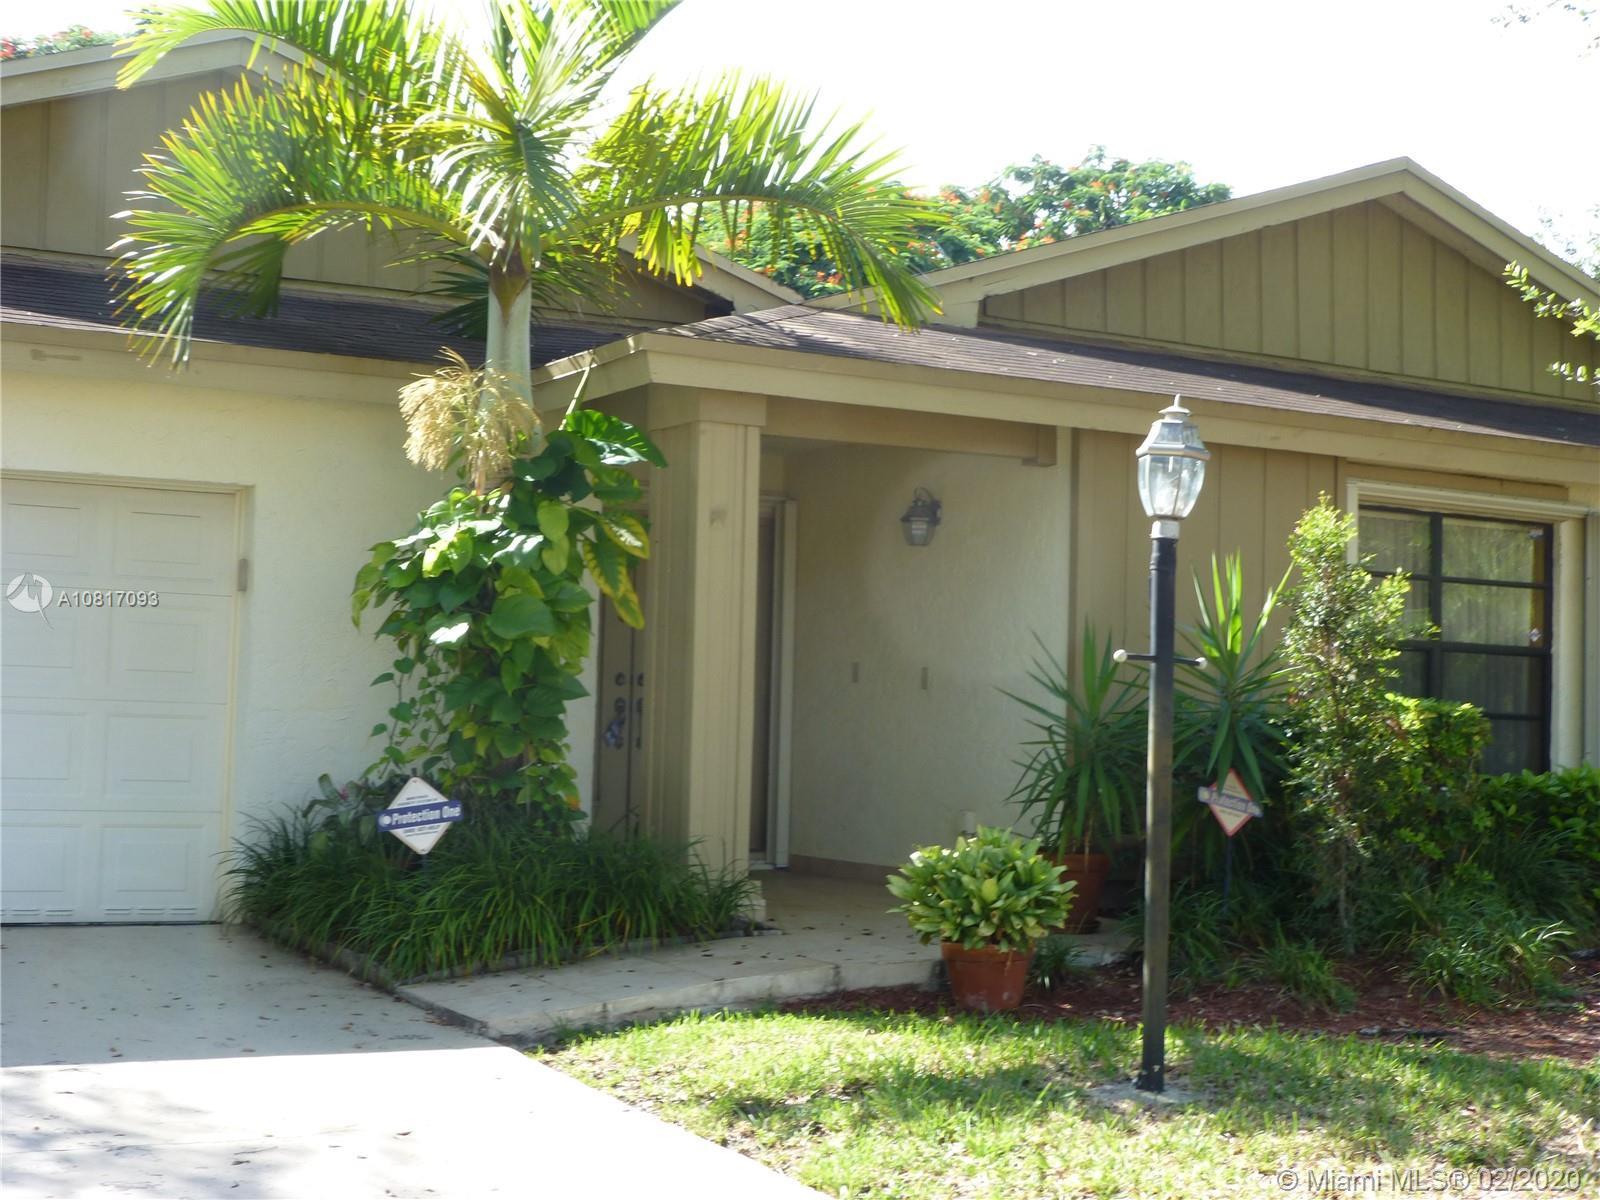 10600 SW 128th Ave, Miami, FL 33186 - Miami, FL real estate listing